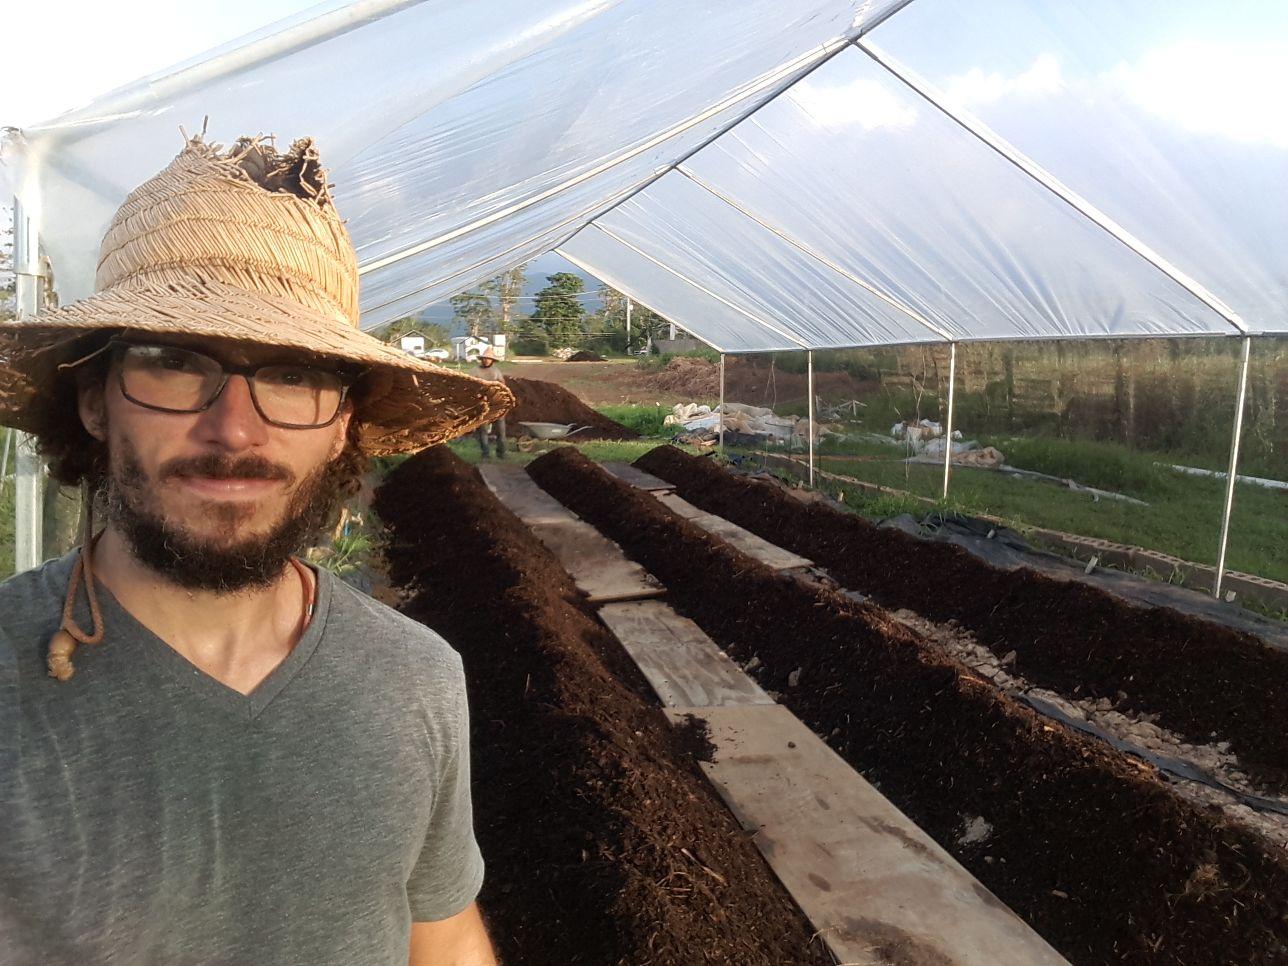 Antonio in the tobacco farm. Courtesy of Antonio Castro Barreto.